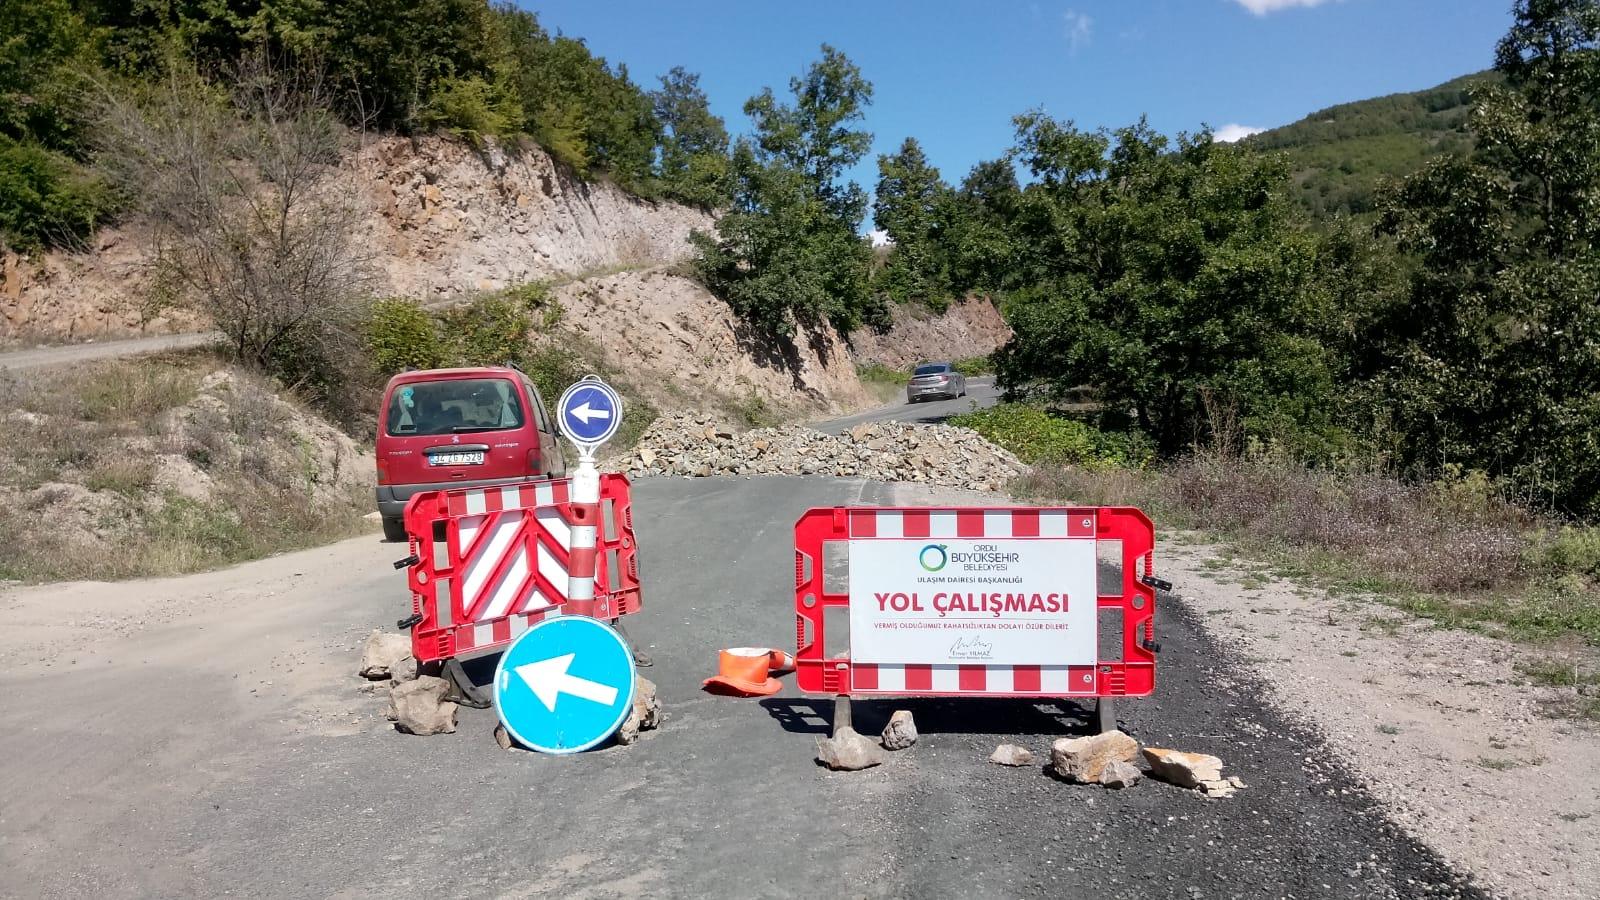 17.08.2018 Saat 15.00 İtibariyle Akkuş-Çaldere-Kadıköprüsü (Dereyolu) Asfaltlı Yol Çalışmasından Görüntüler. Yolun Bayramda Açılıp Açılmayacağını Açıklıyoruz.